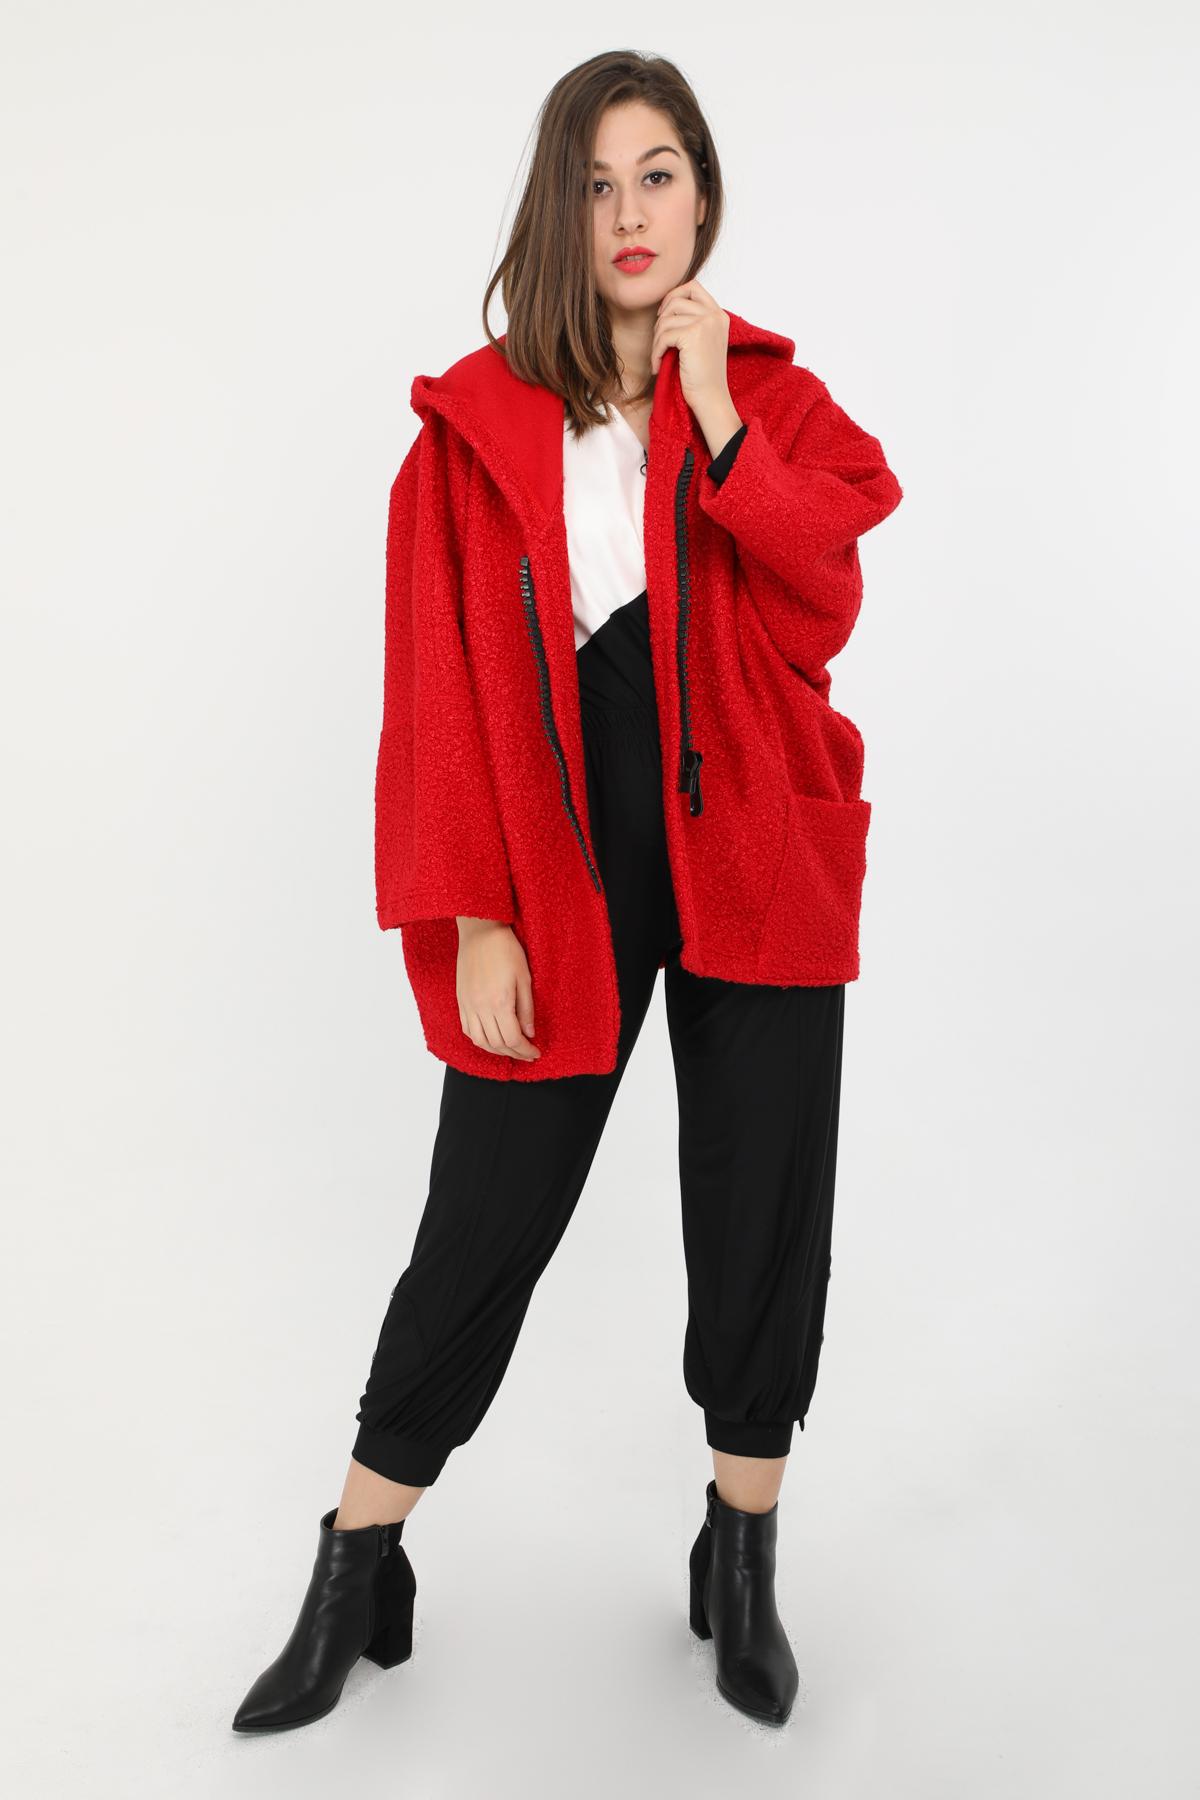 manteau grande taille femme 2W PARIS m1291 rouge 46-60